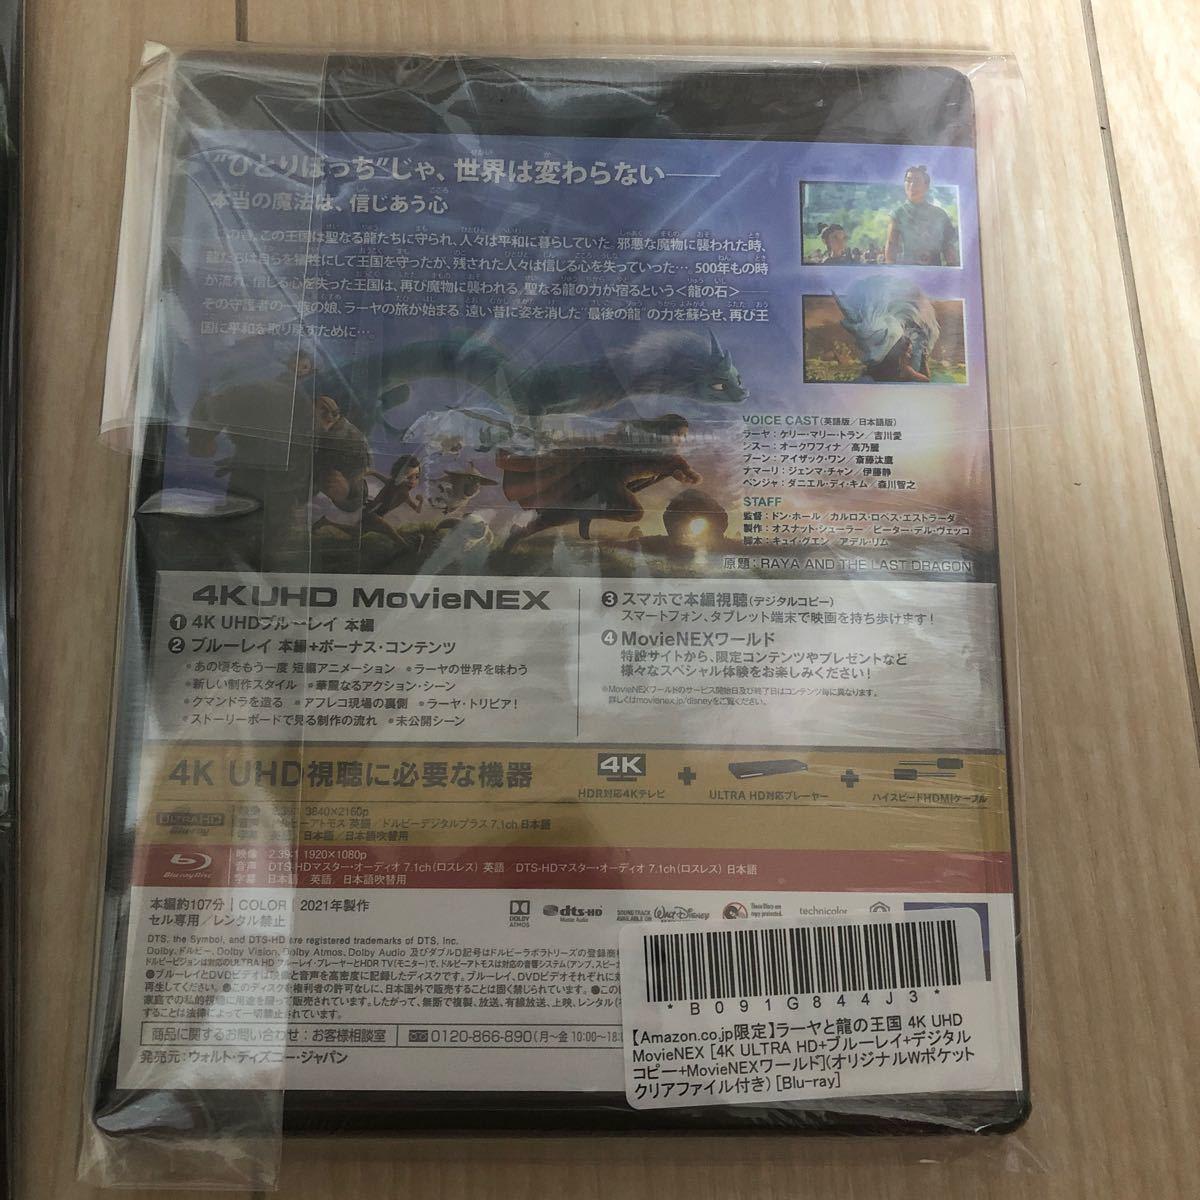 美品 オリジナルクリアファイル付 ラーヤと龍の王国 4K ULTRA HD+ブルーレイ+デジタルコピー 国内正規版 欠品無し